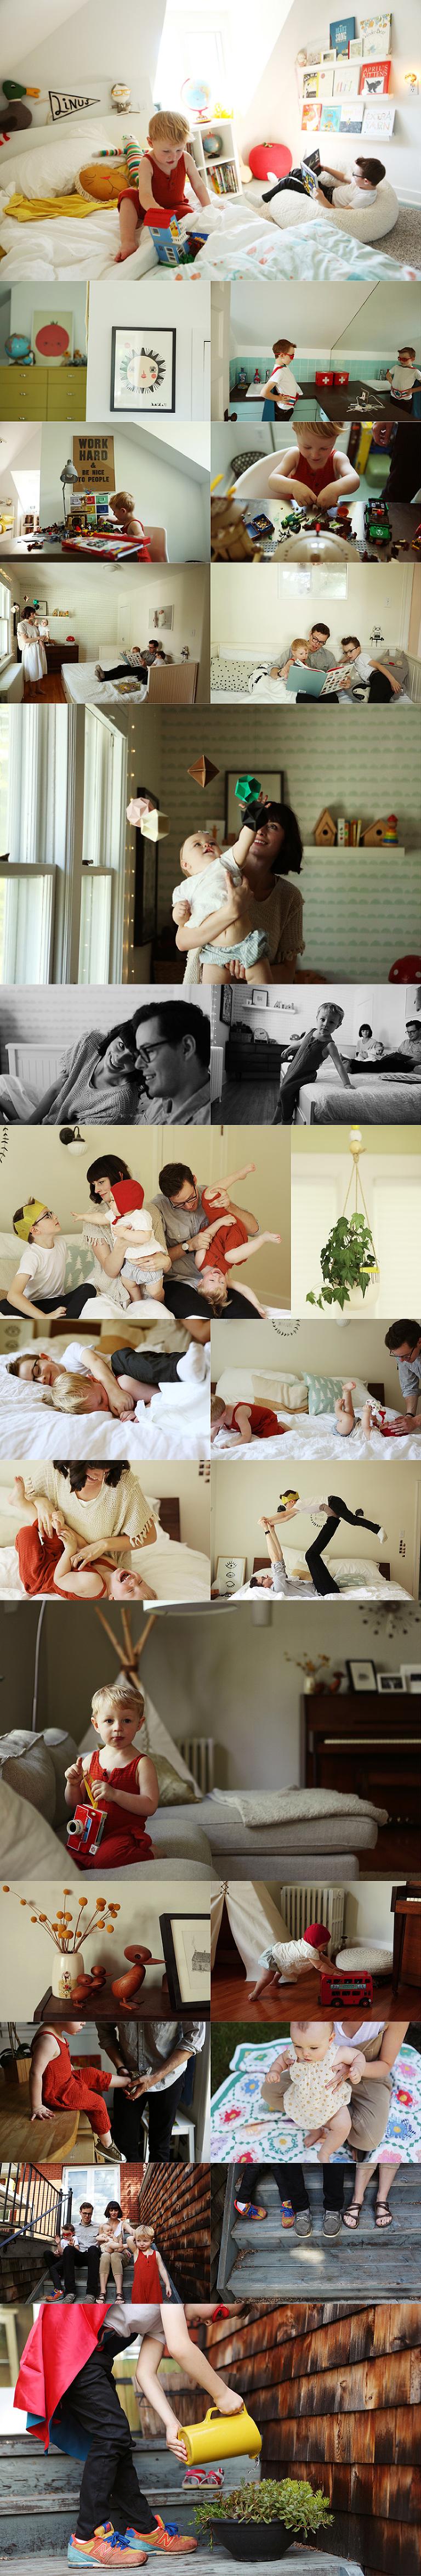 edmonton_lifestyle_family_photographer-1